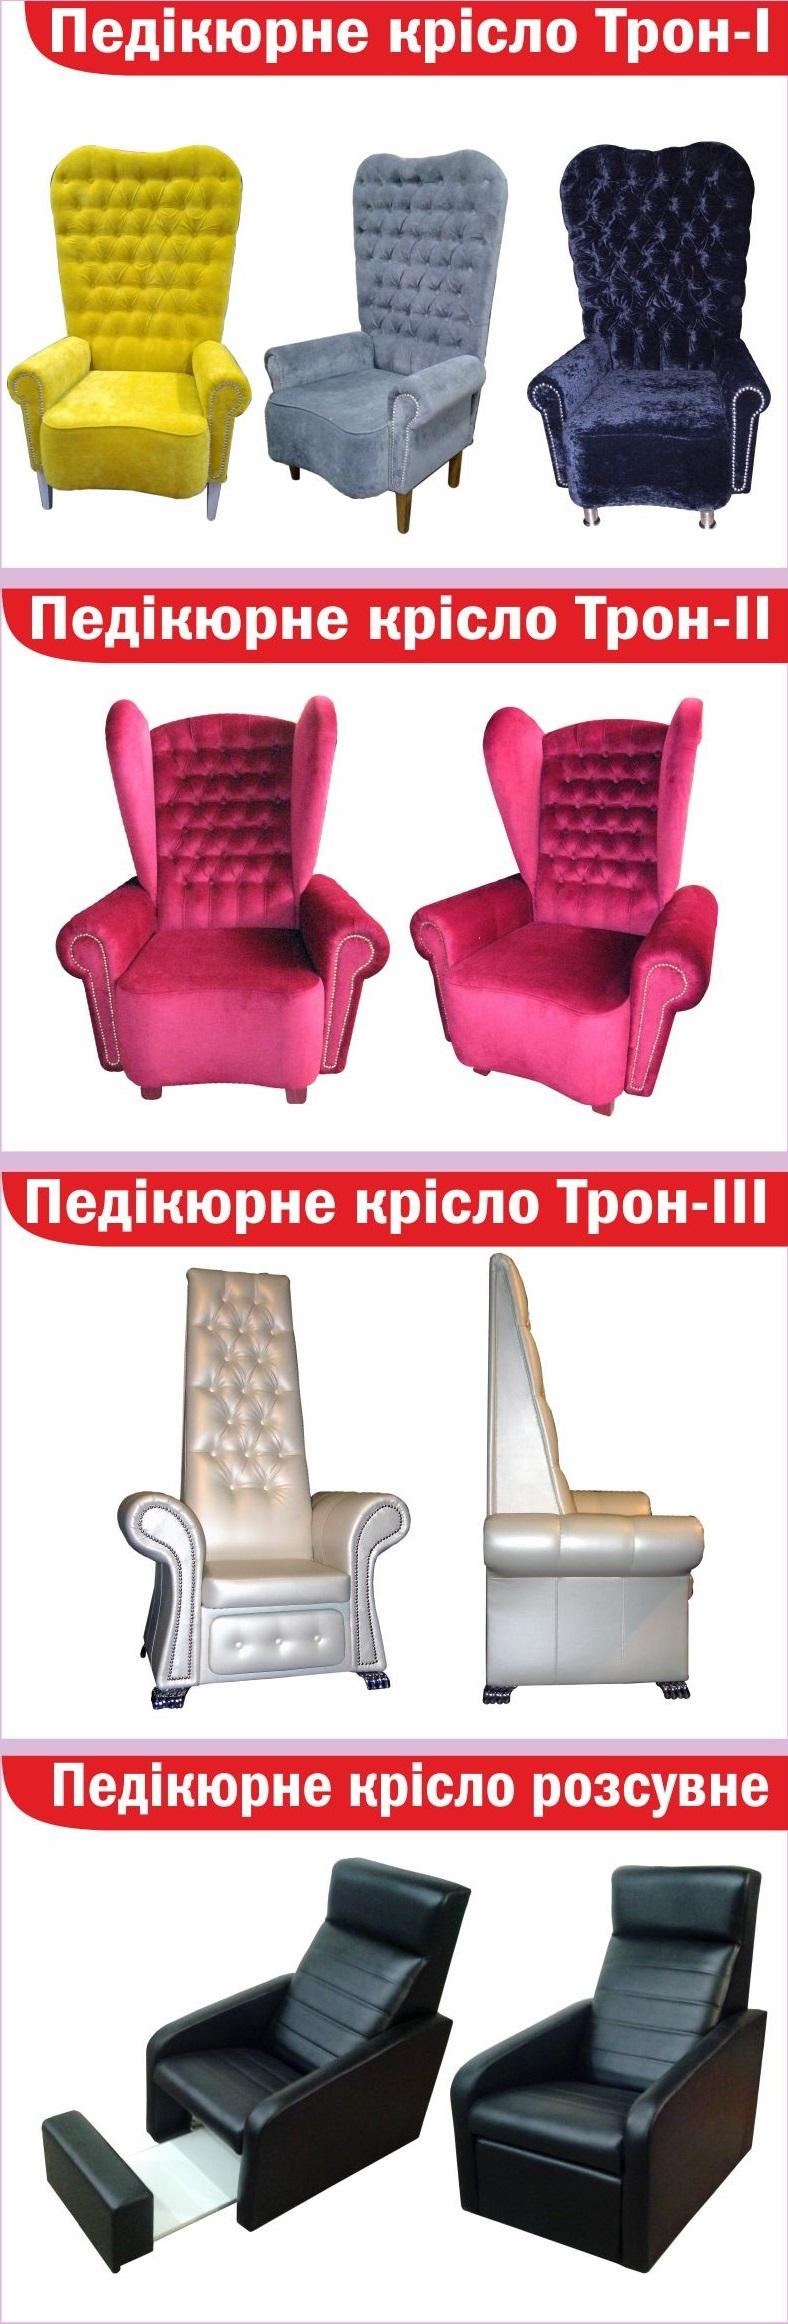 Педикюрні крісла ТРОН - відчуй себе королевою!